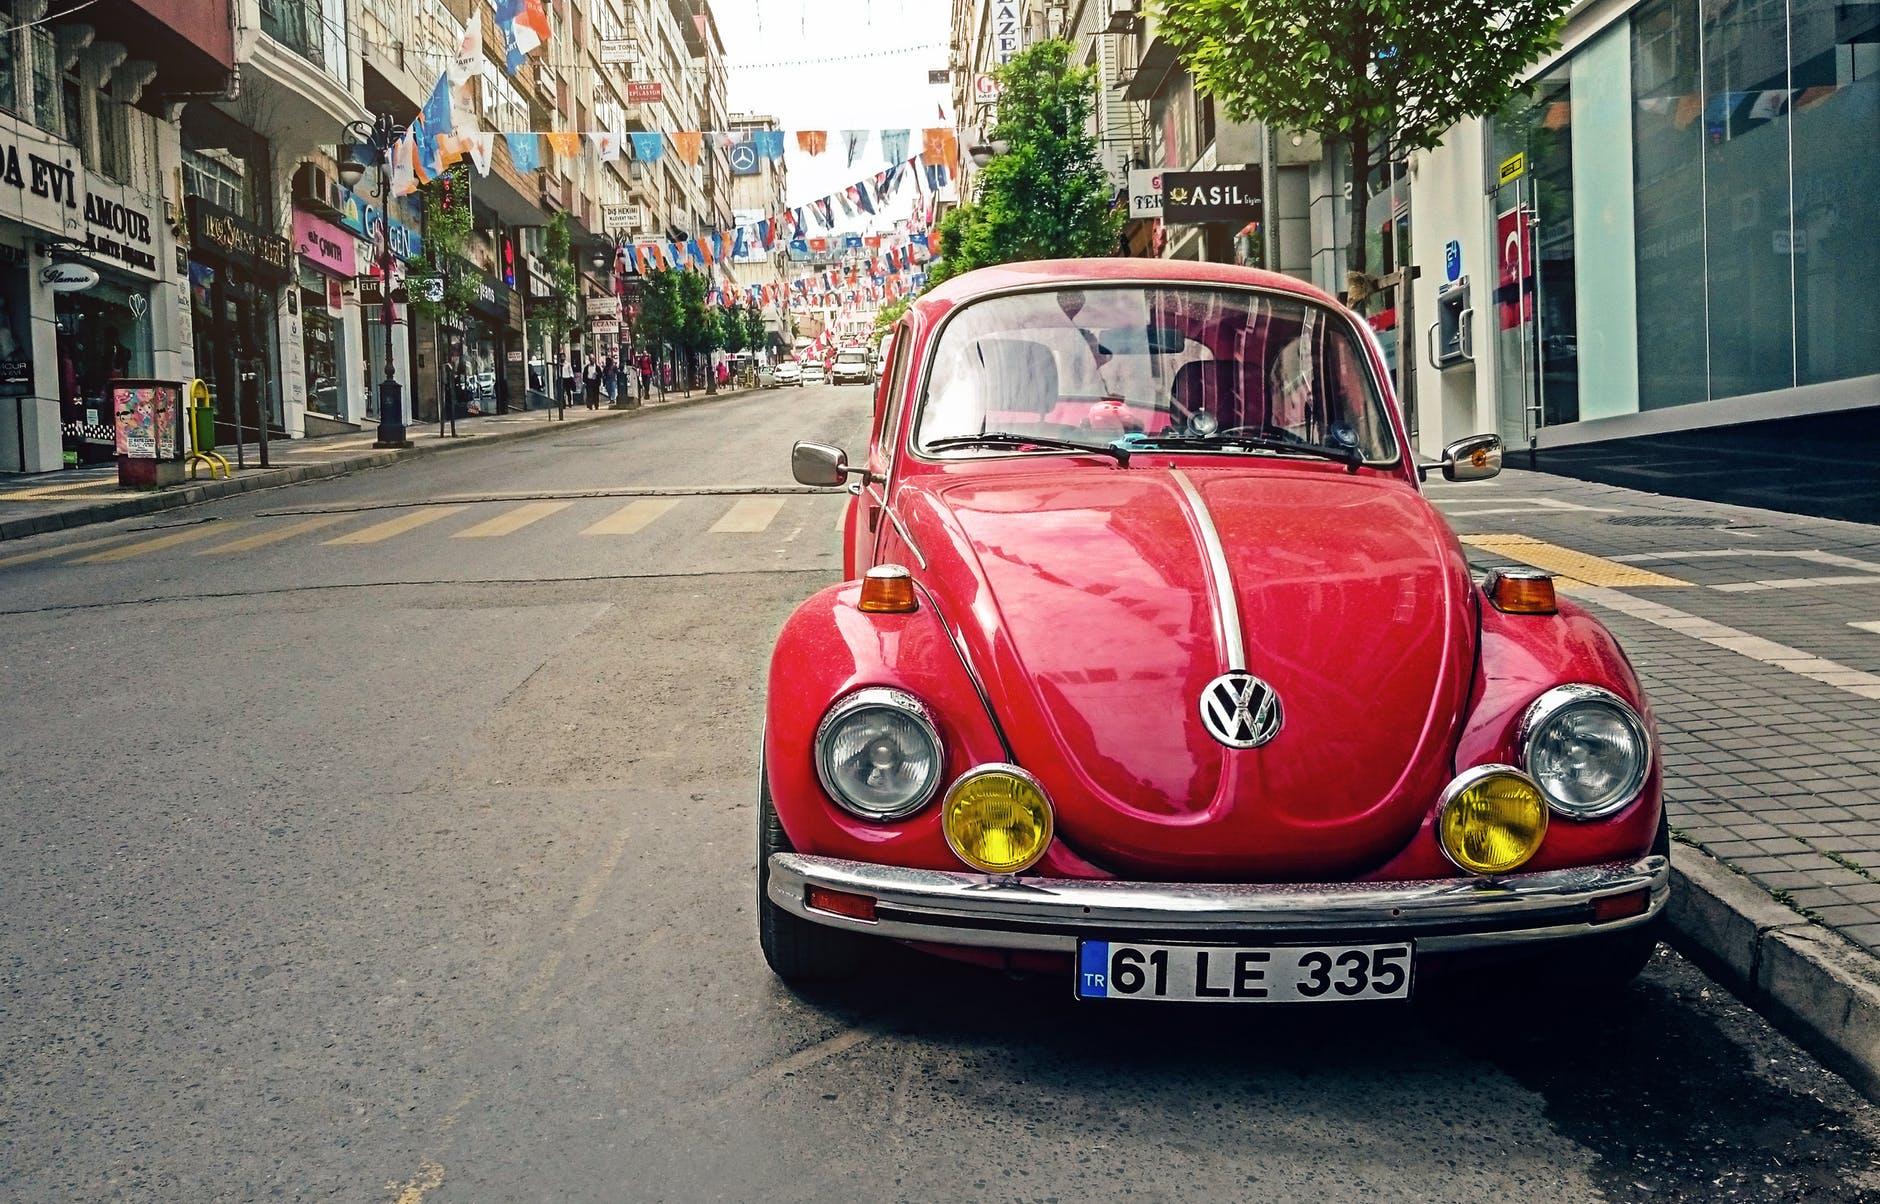 /></p> <p>Německý koncern dnes v tiskovém prohlášení uvedl, že zhruba 200 tisíc majitelů vozů s naftovým pohonem přijalo odškodné, na němž se Volkswagen v únoru dohodl s německým svazem VZBV (<em>Verbraucherzentrale Bundesverband</em>), jež zastupuje cca 260 tisíc majitelů dieselových automobilů ve sporu Dieselgate.</p> <p>Automobilka by tak na odškodném měla těmto vlastníkům v souhrnu zaplatit zhruba 620 milionů eur.Koncern zároveň doplnil, že dalších 21 tisíc případů se nadále přezkoumává.</p> <p>Akcie Volkswagenu dnes na Xetře klesají o 1,11 %.</p> <p><br />Zdroj: Reuters</p> <p class=